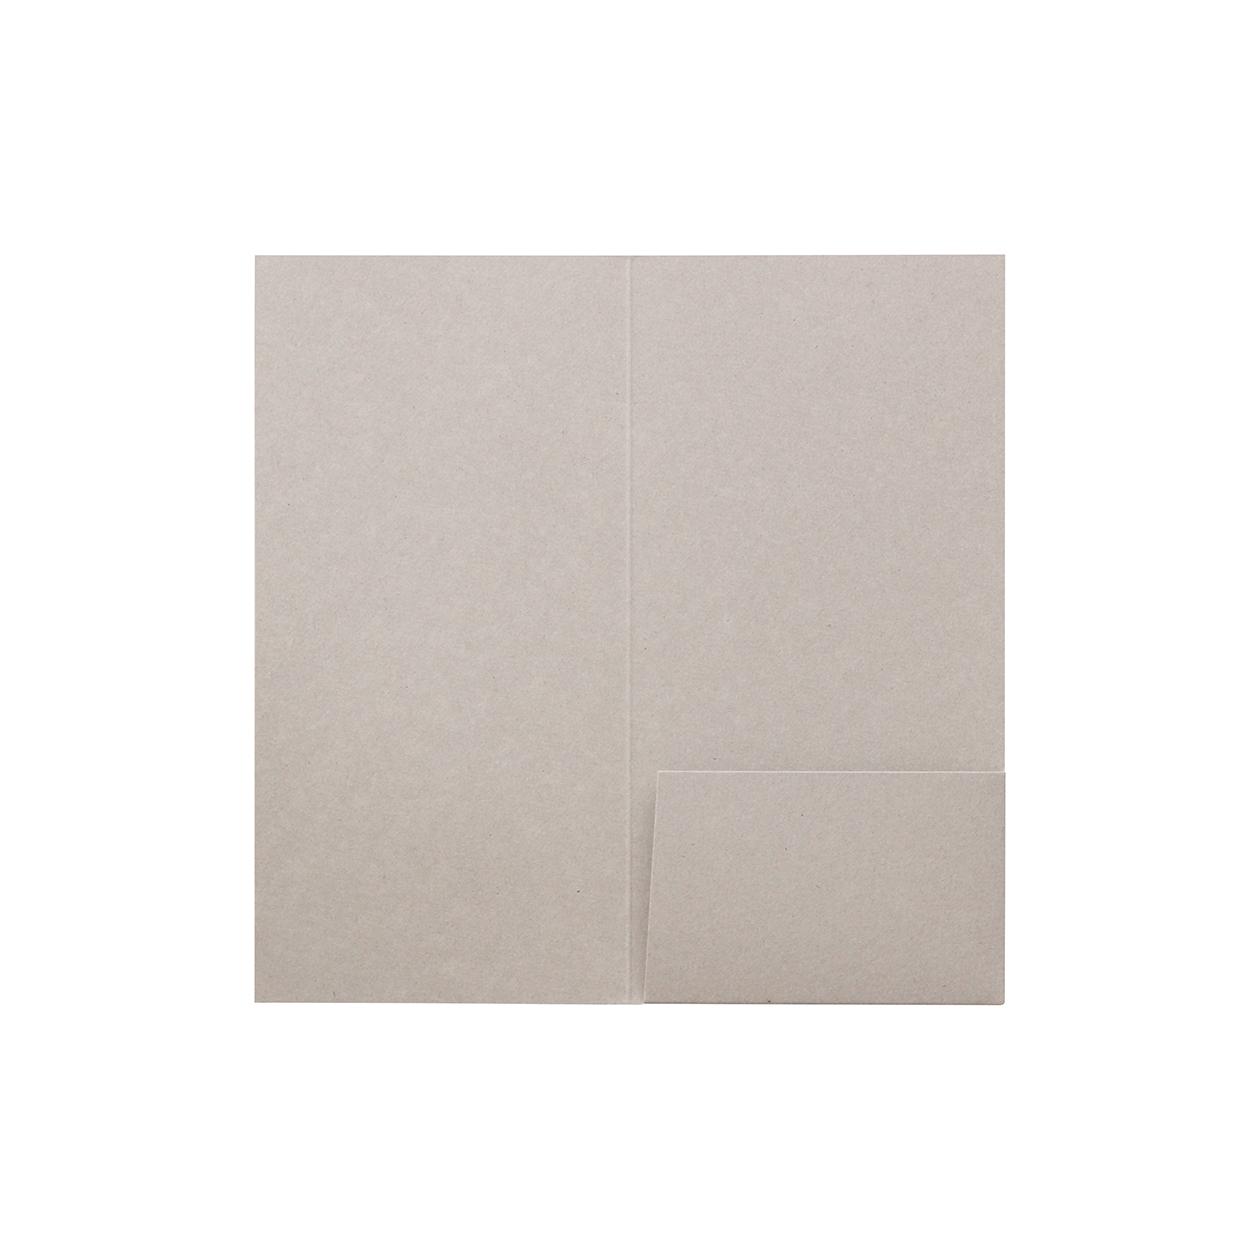 サンプル カード・シート 00268